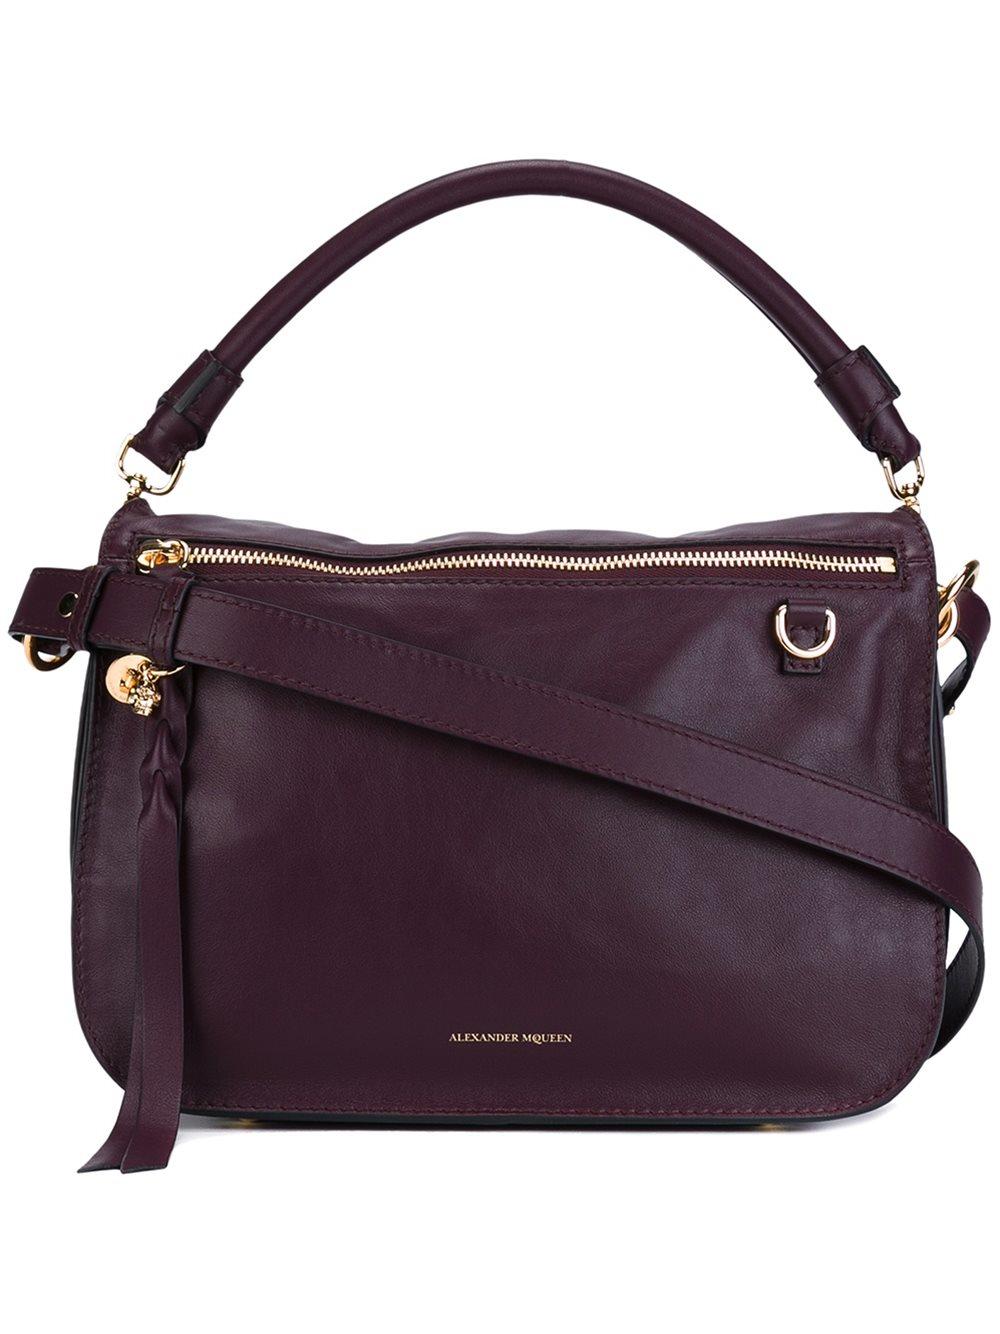 @ Alexander McQueen Small Leather Bucket Bag | Buy Sale